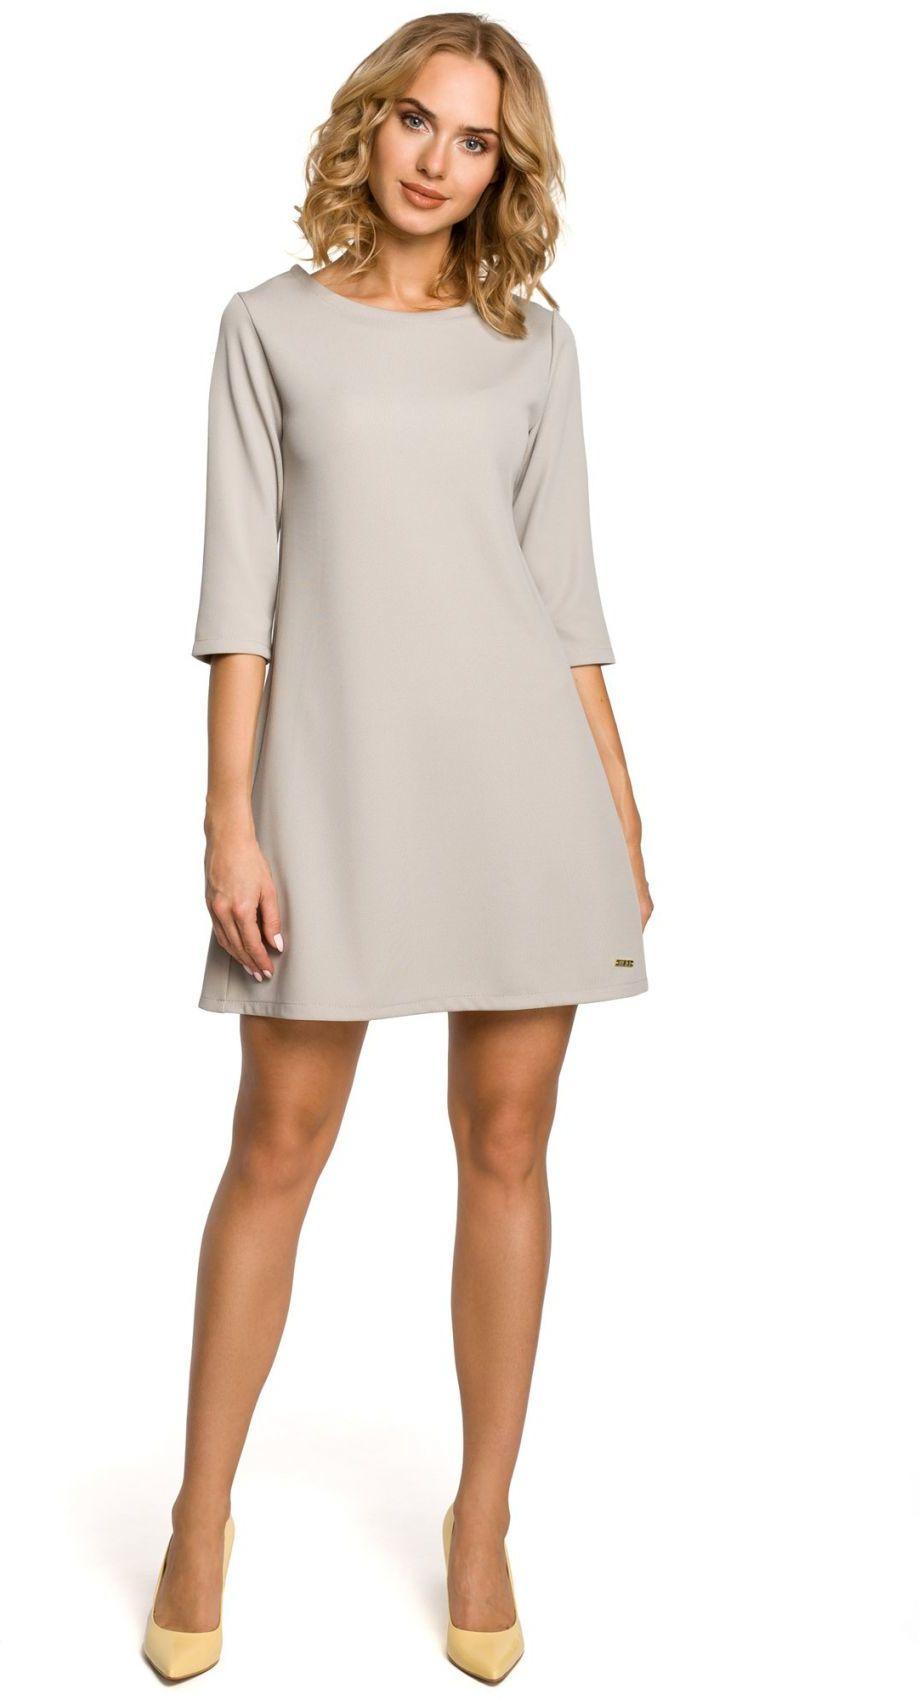 M029 Gładka tunika sukienka trapezowa - szara